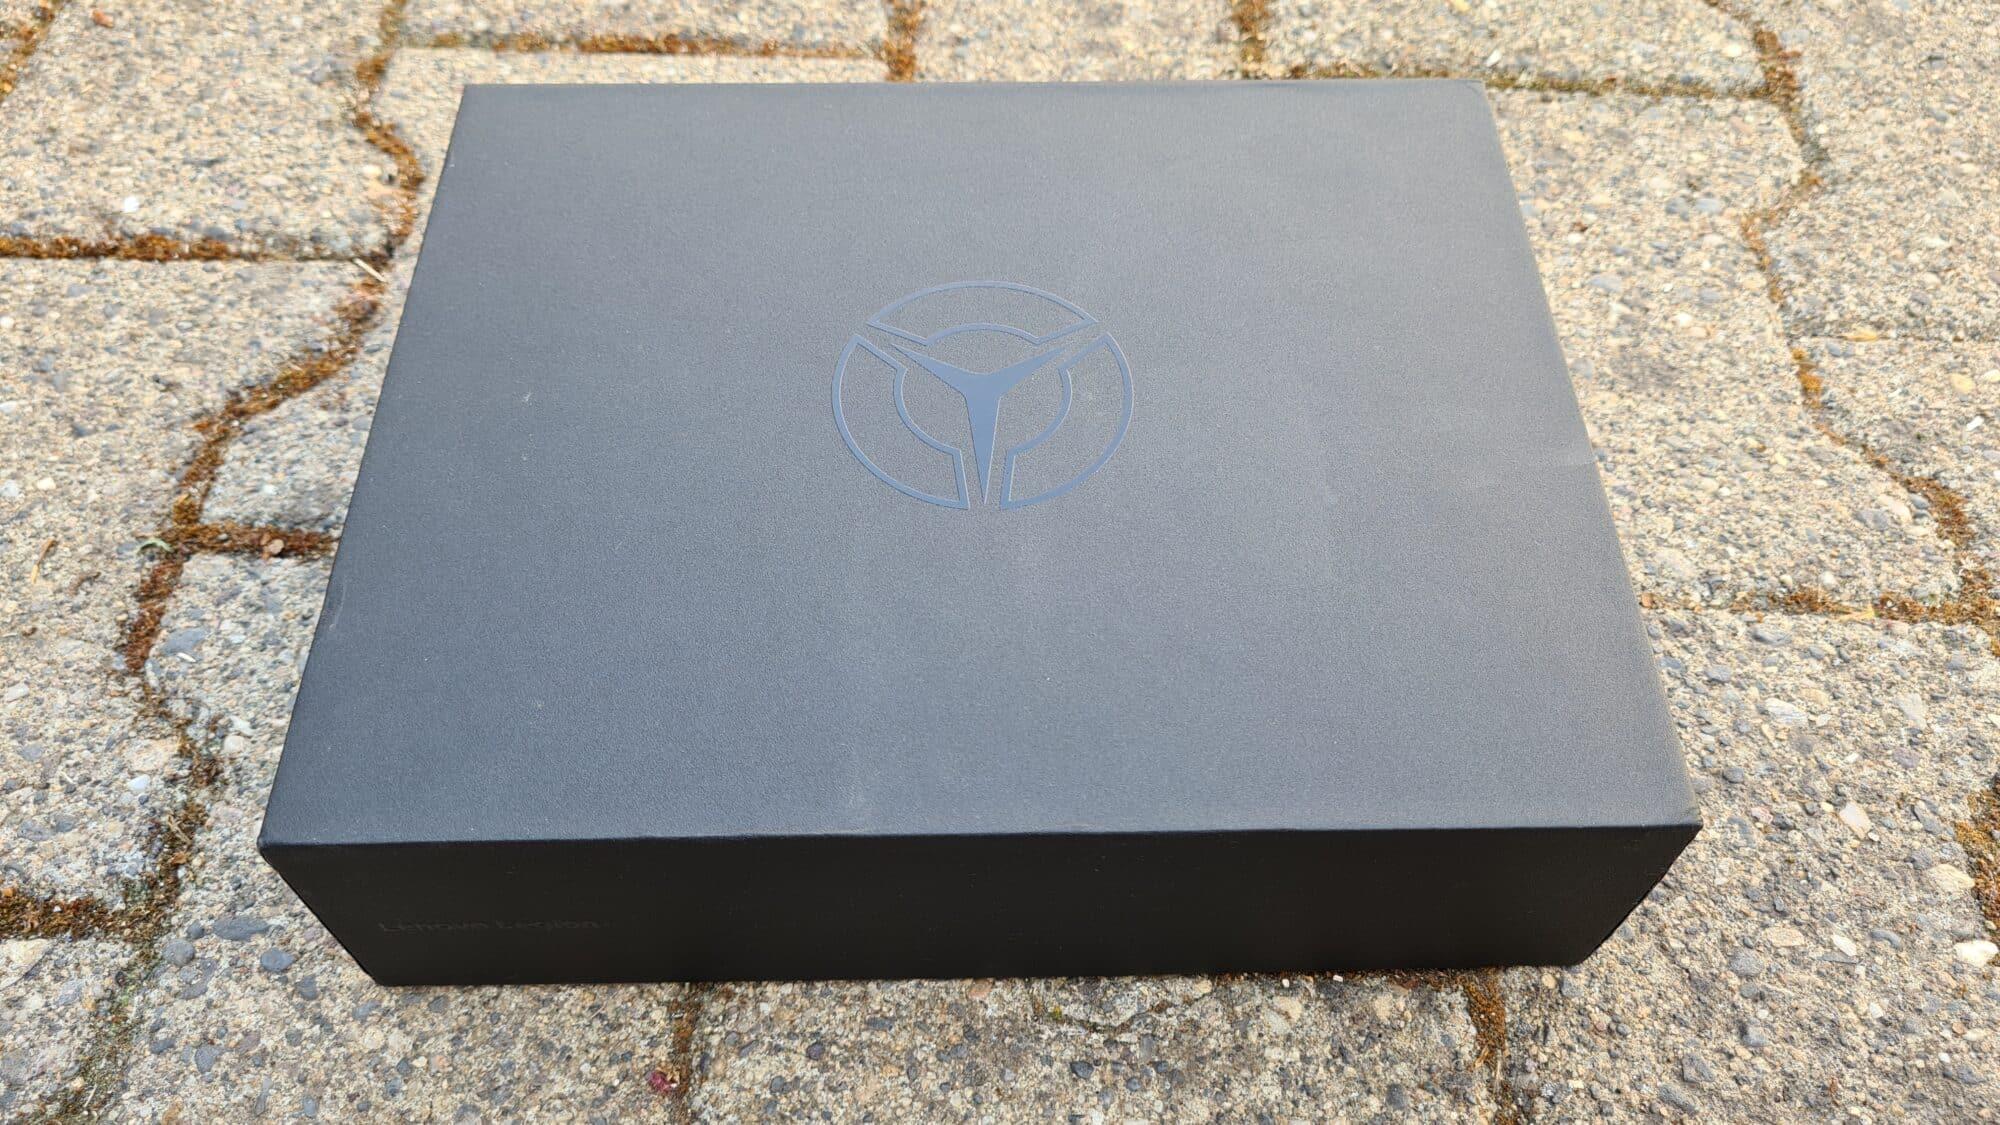 Legion Phone Duel 2 - Packaging 1